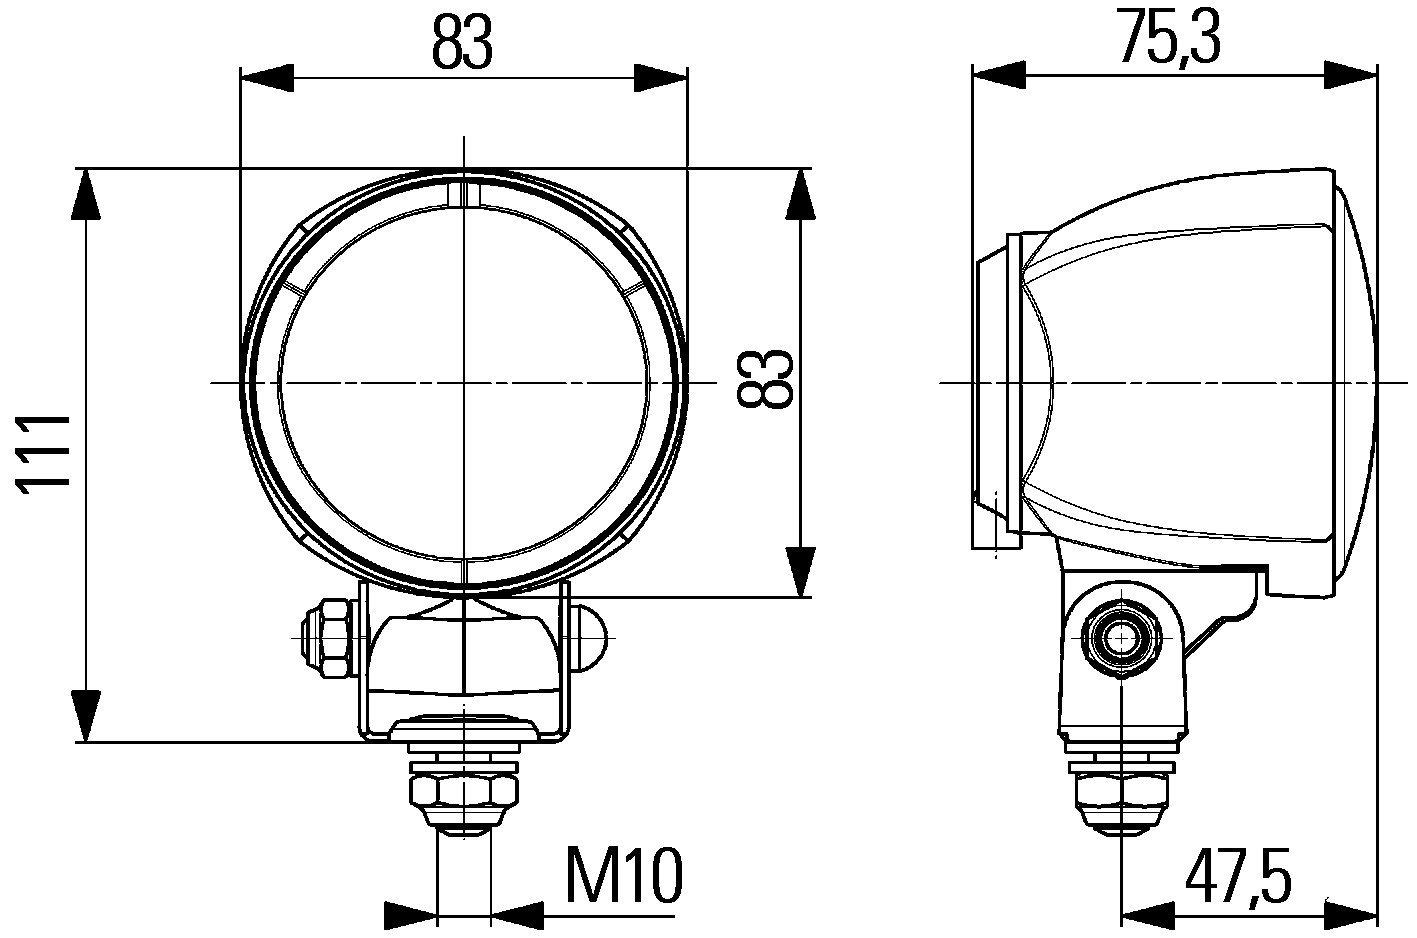 HELLA 1G0 996 176-041 Arbeitsscheinwerfer Modul 70 H9 f/ür Nahfeldausleuchtung 12V Anbau stehend rund